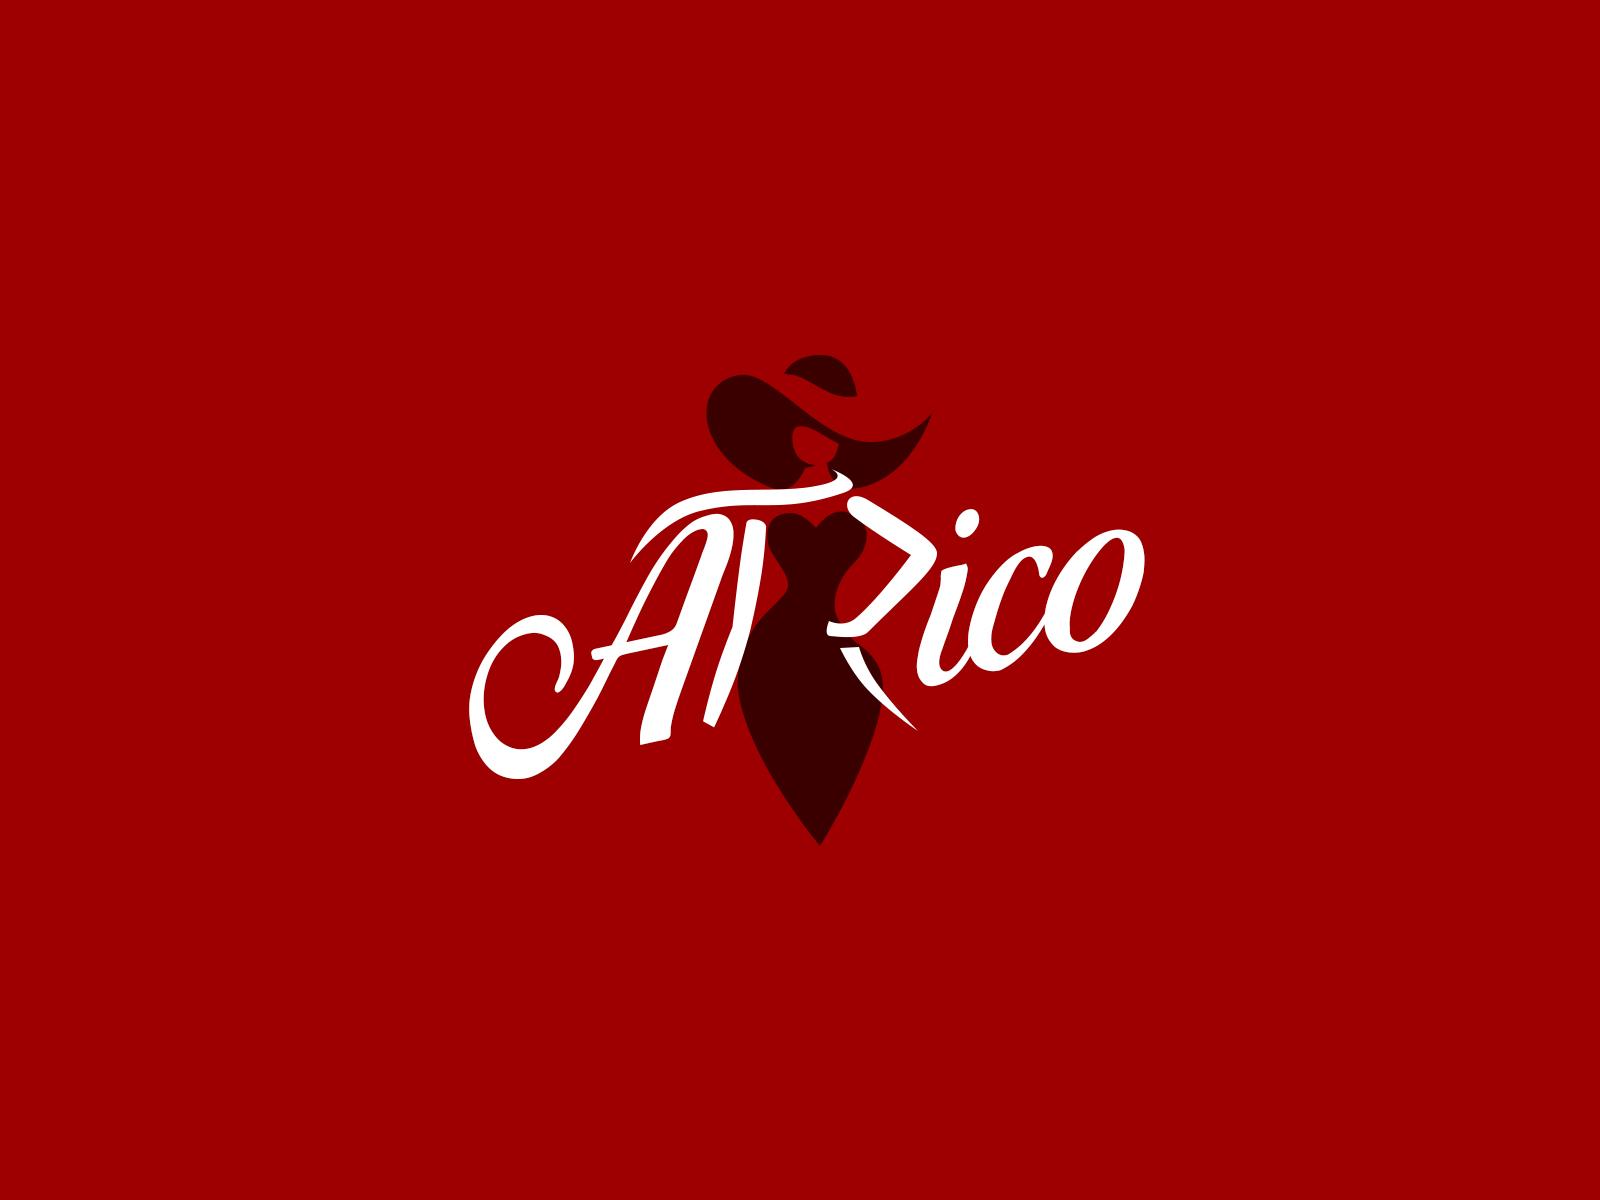 Логотип для брендовой пряжи и трикотажной одежды фото f_97360089844f0261.jpg